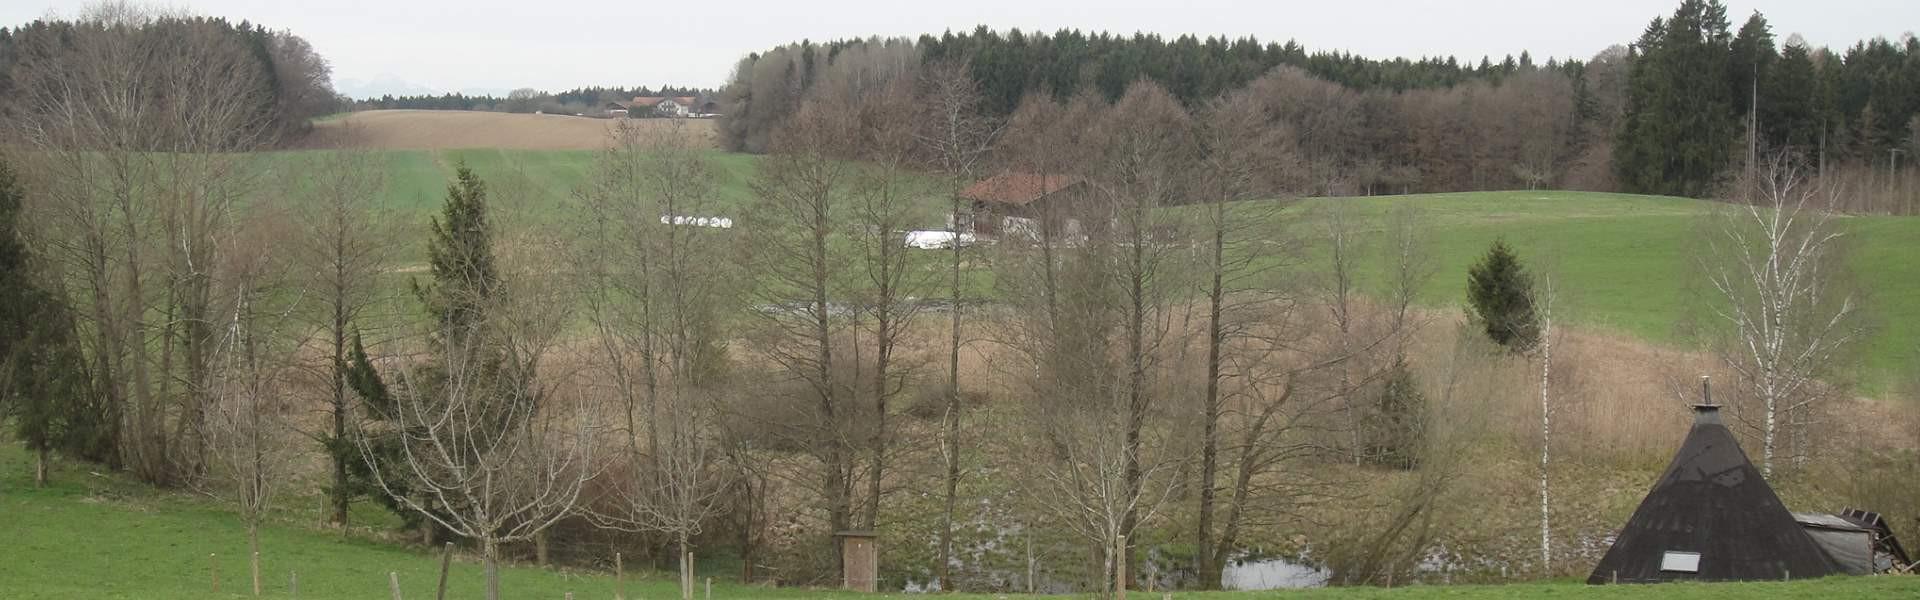 Kometen-Einschlag im Chiemgau zur Zeiten der Kelten?